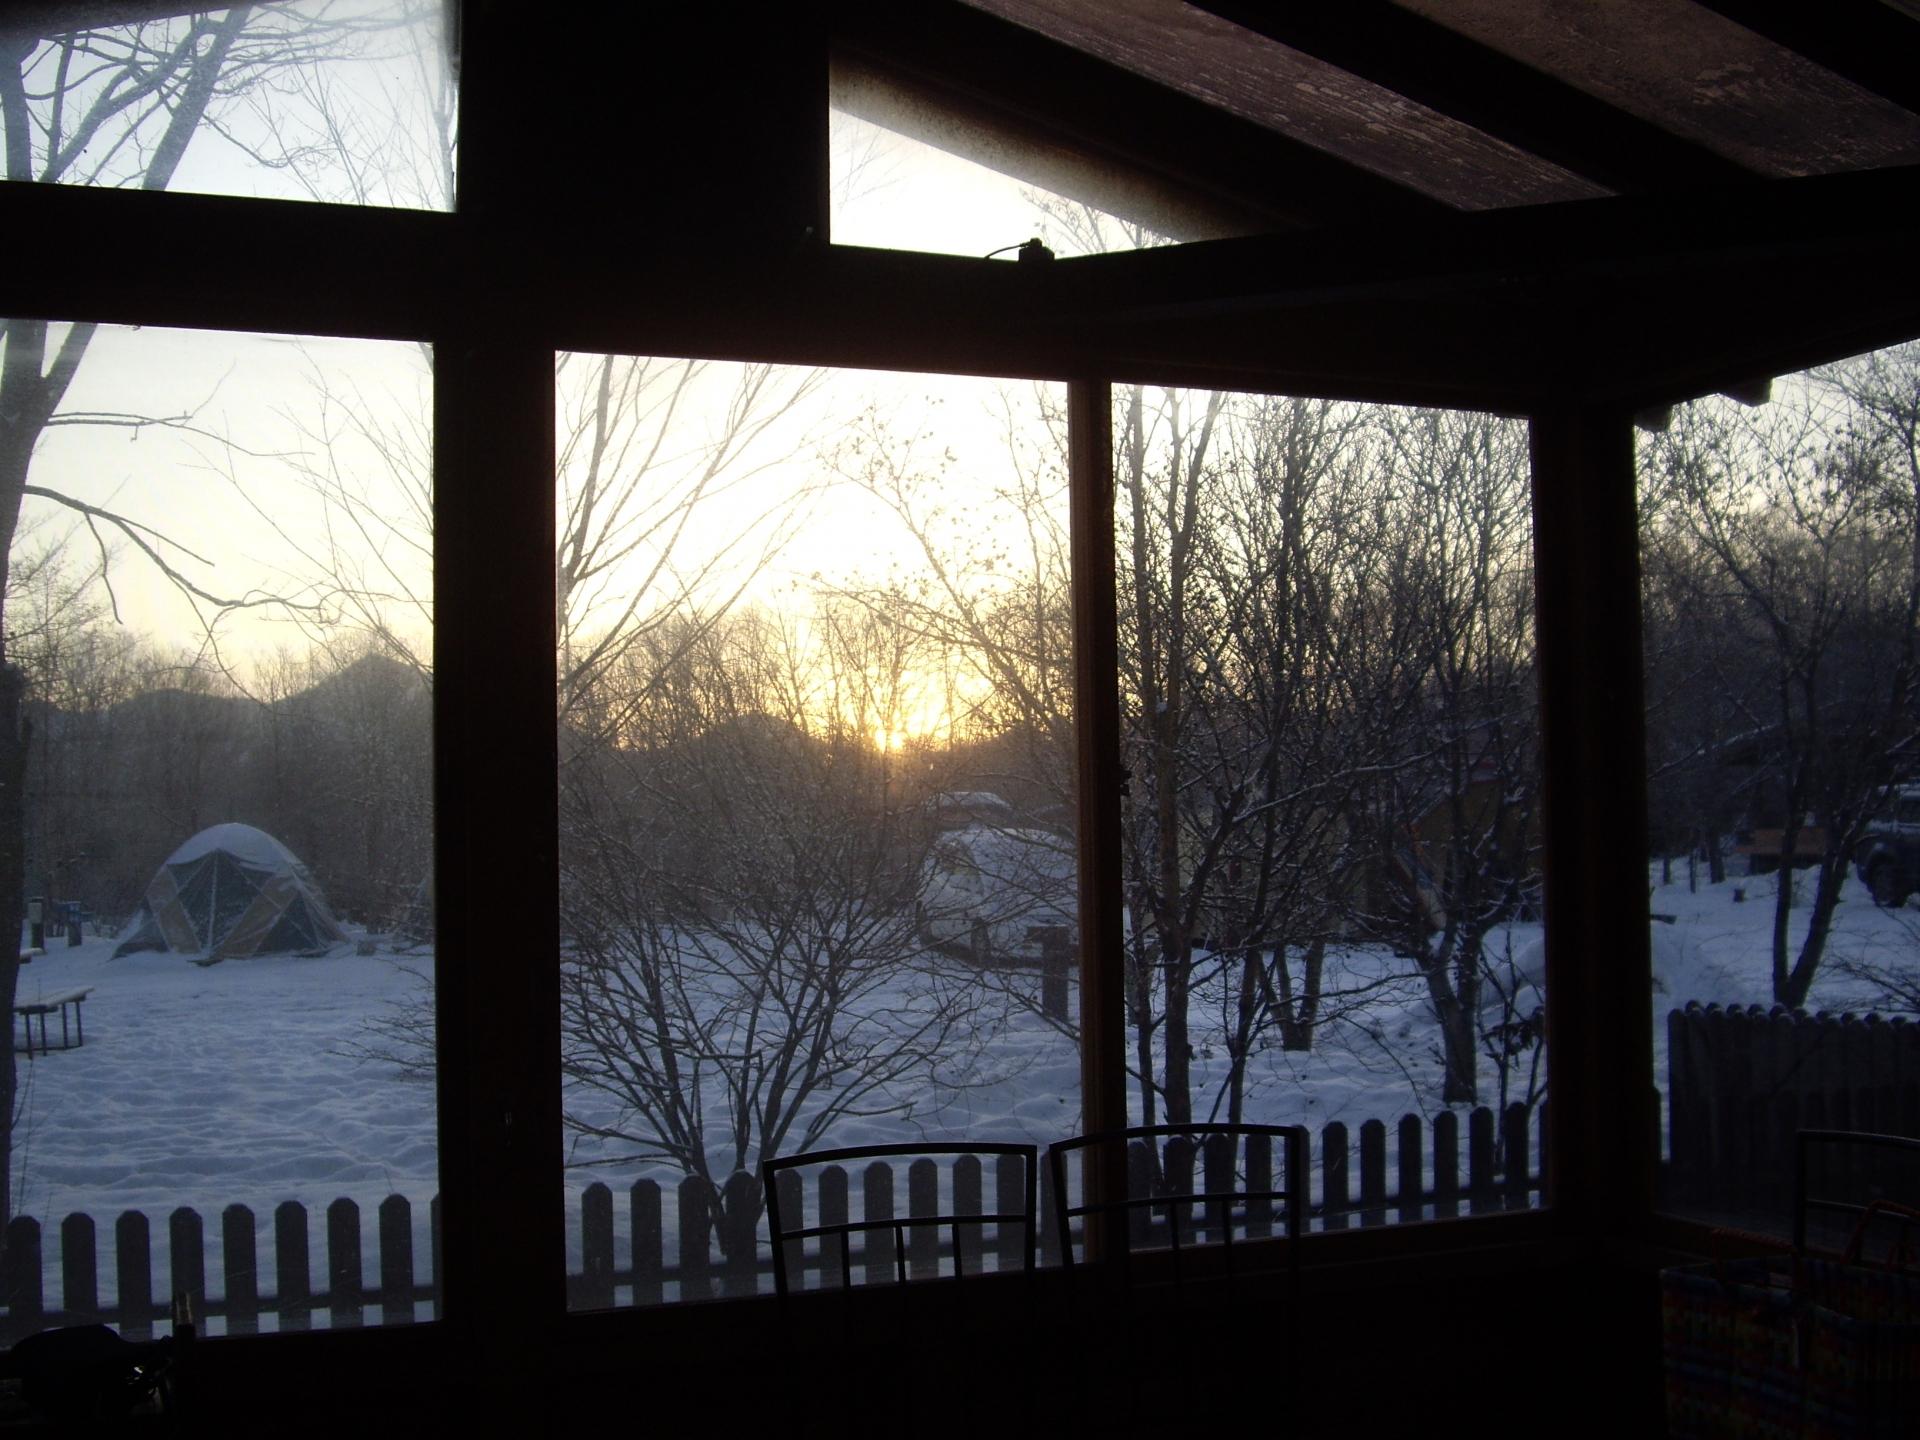 冬 キャンプ 暖房